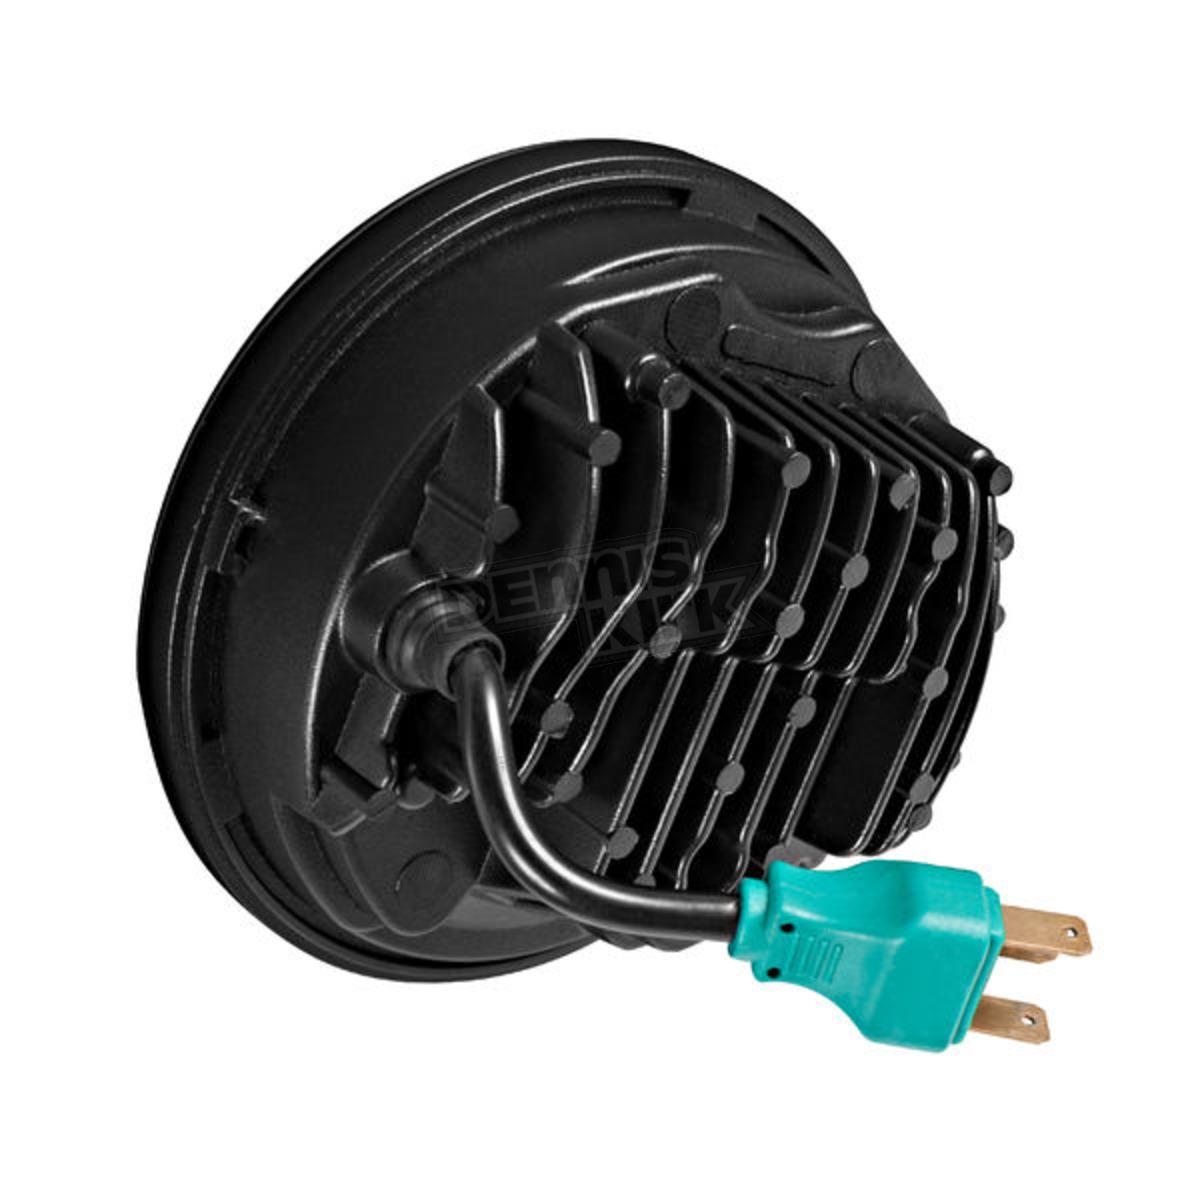 hight resolution of v2 led headlight hw195023 black 5 75 in v2 led headlight hw195023